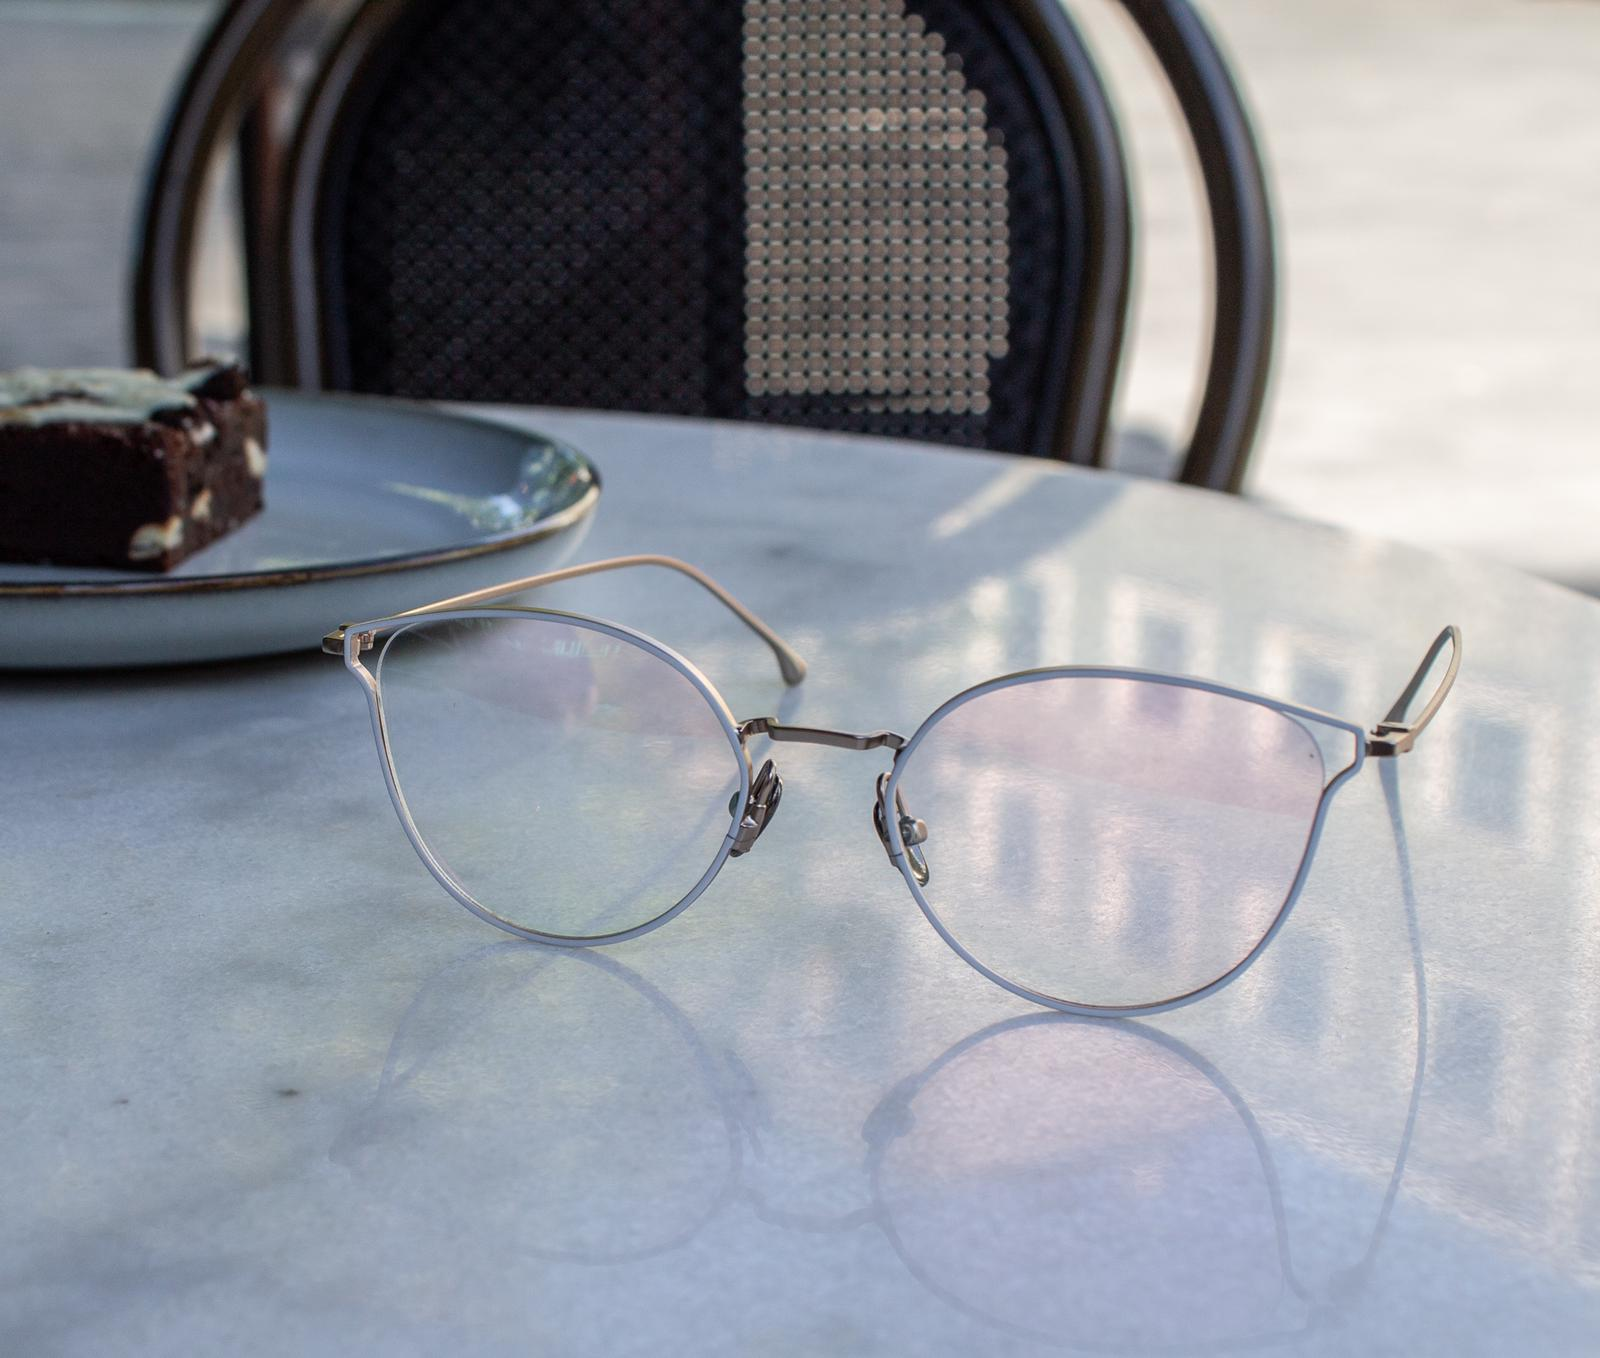 Komono bril op tafel